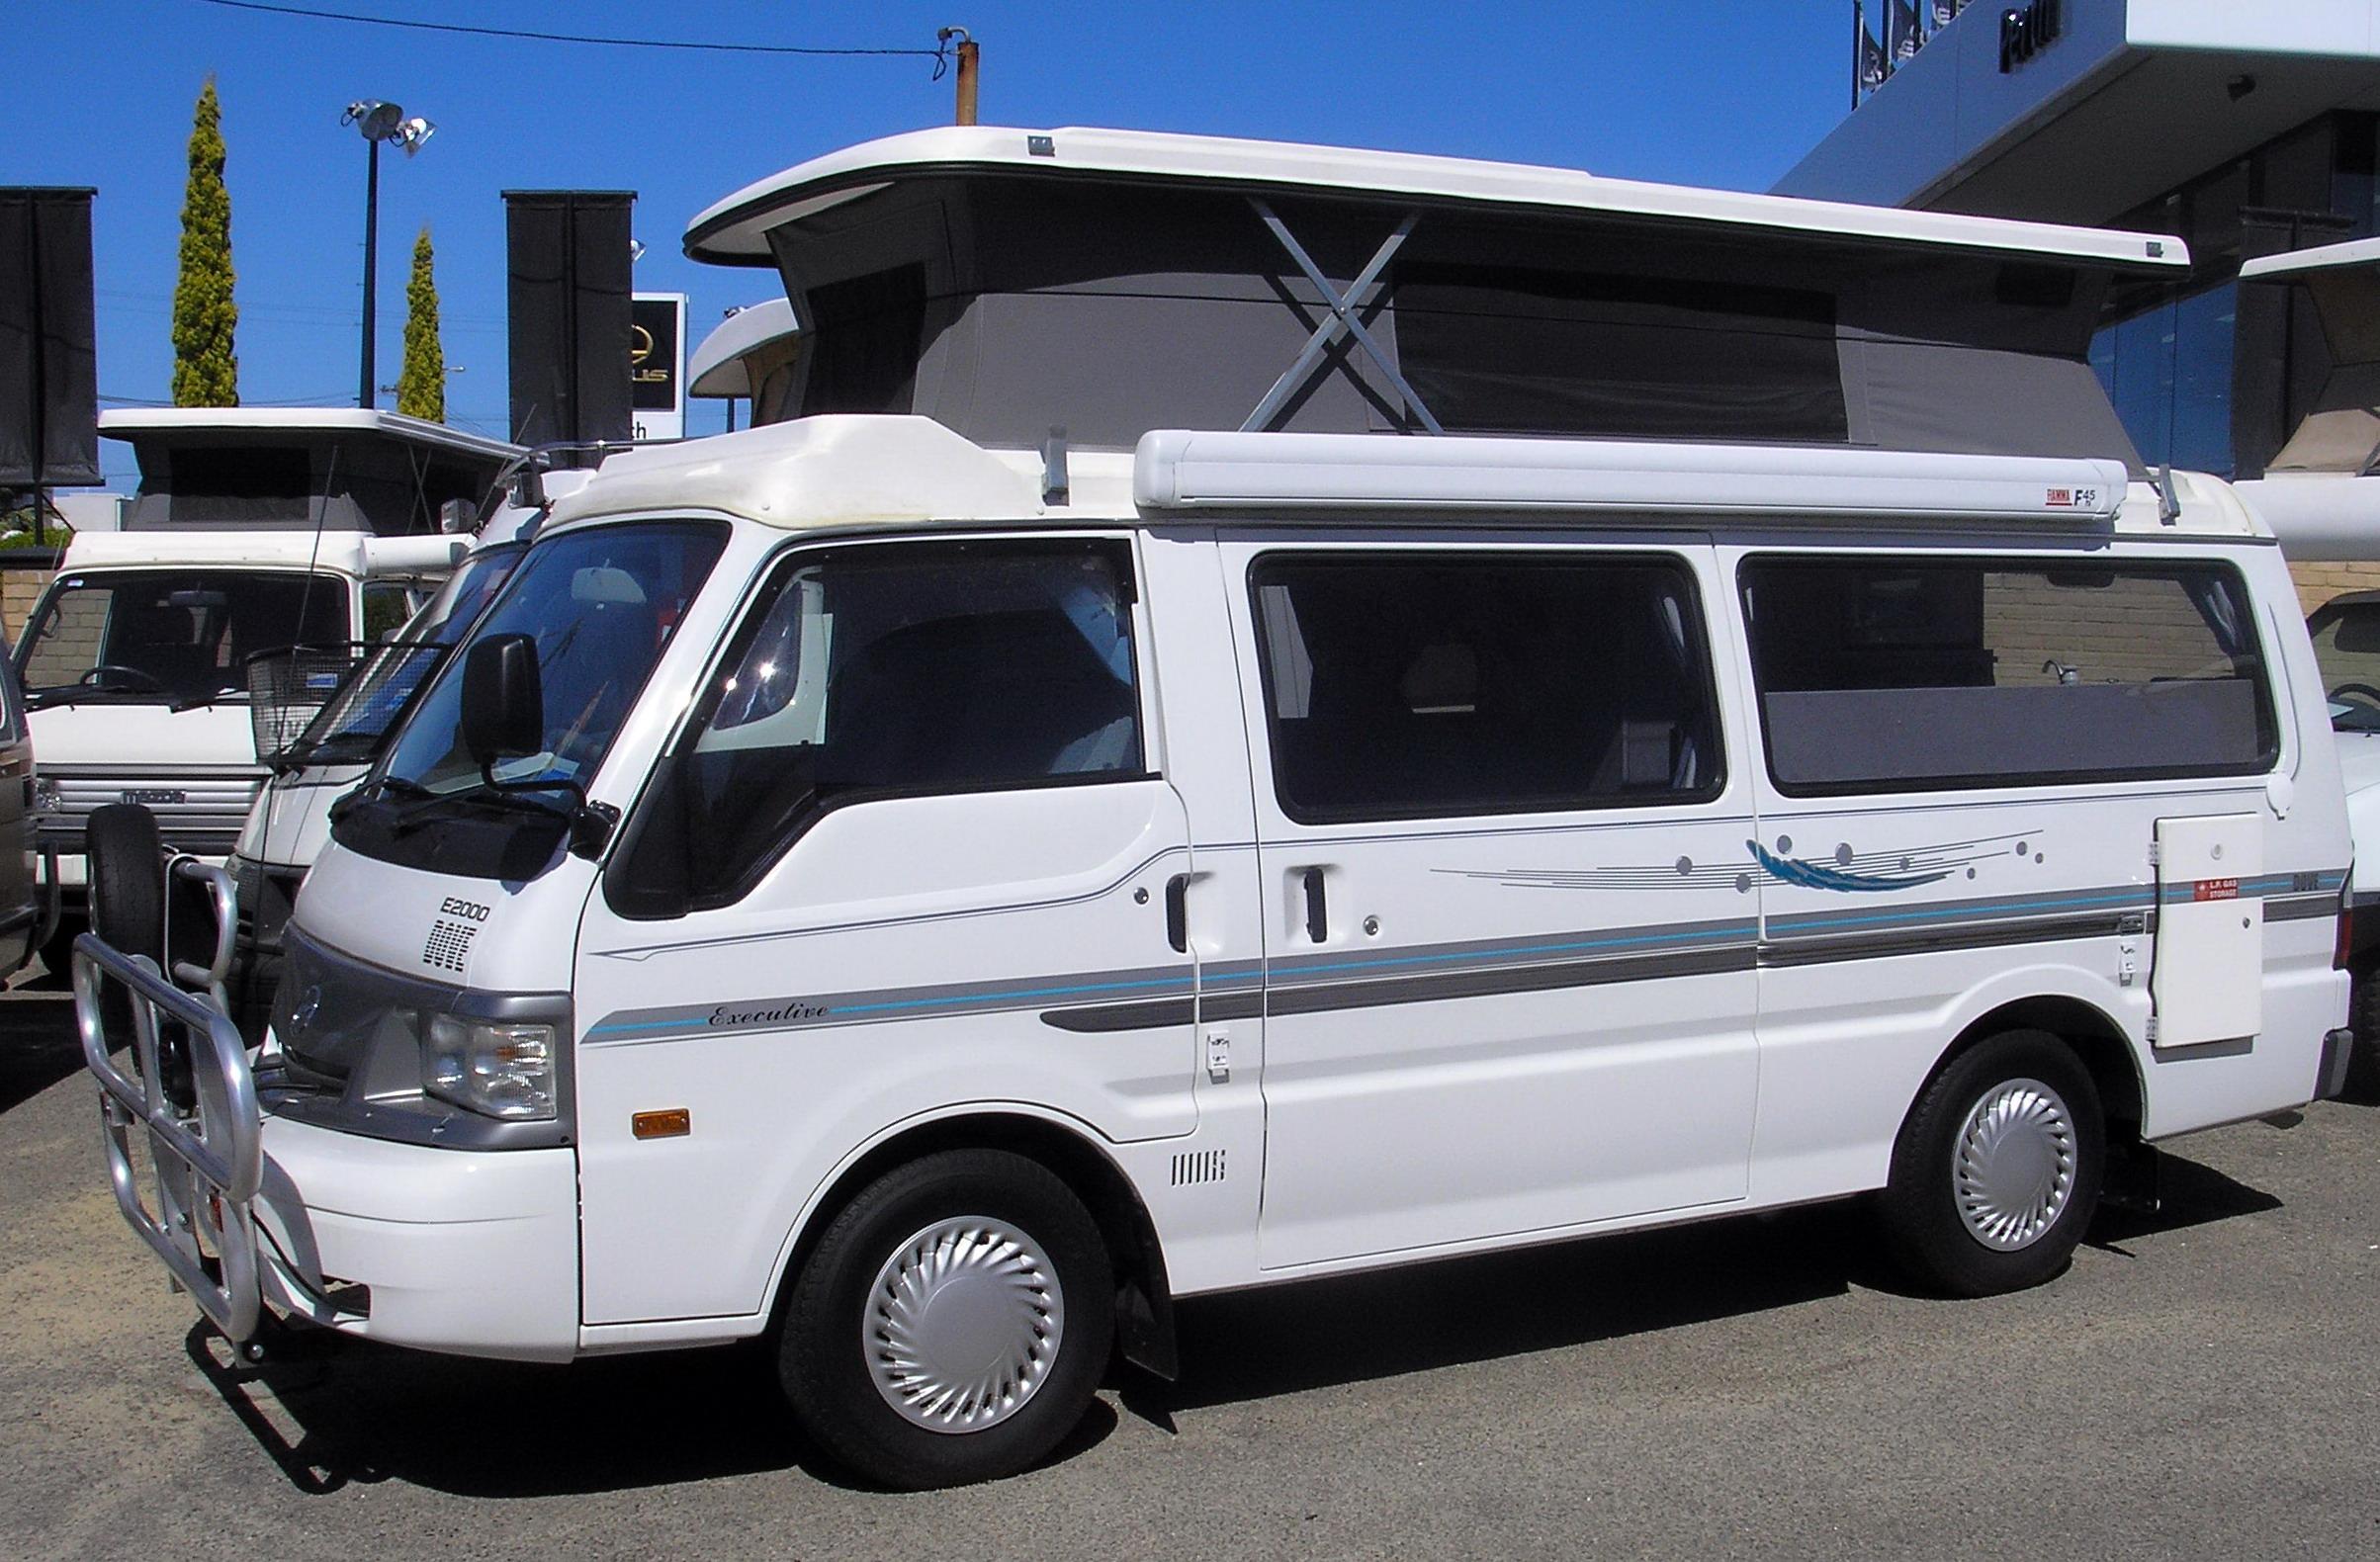 File:Mazda-E2000-Campervan.jpg - Wikimedia Commons